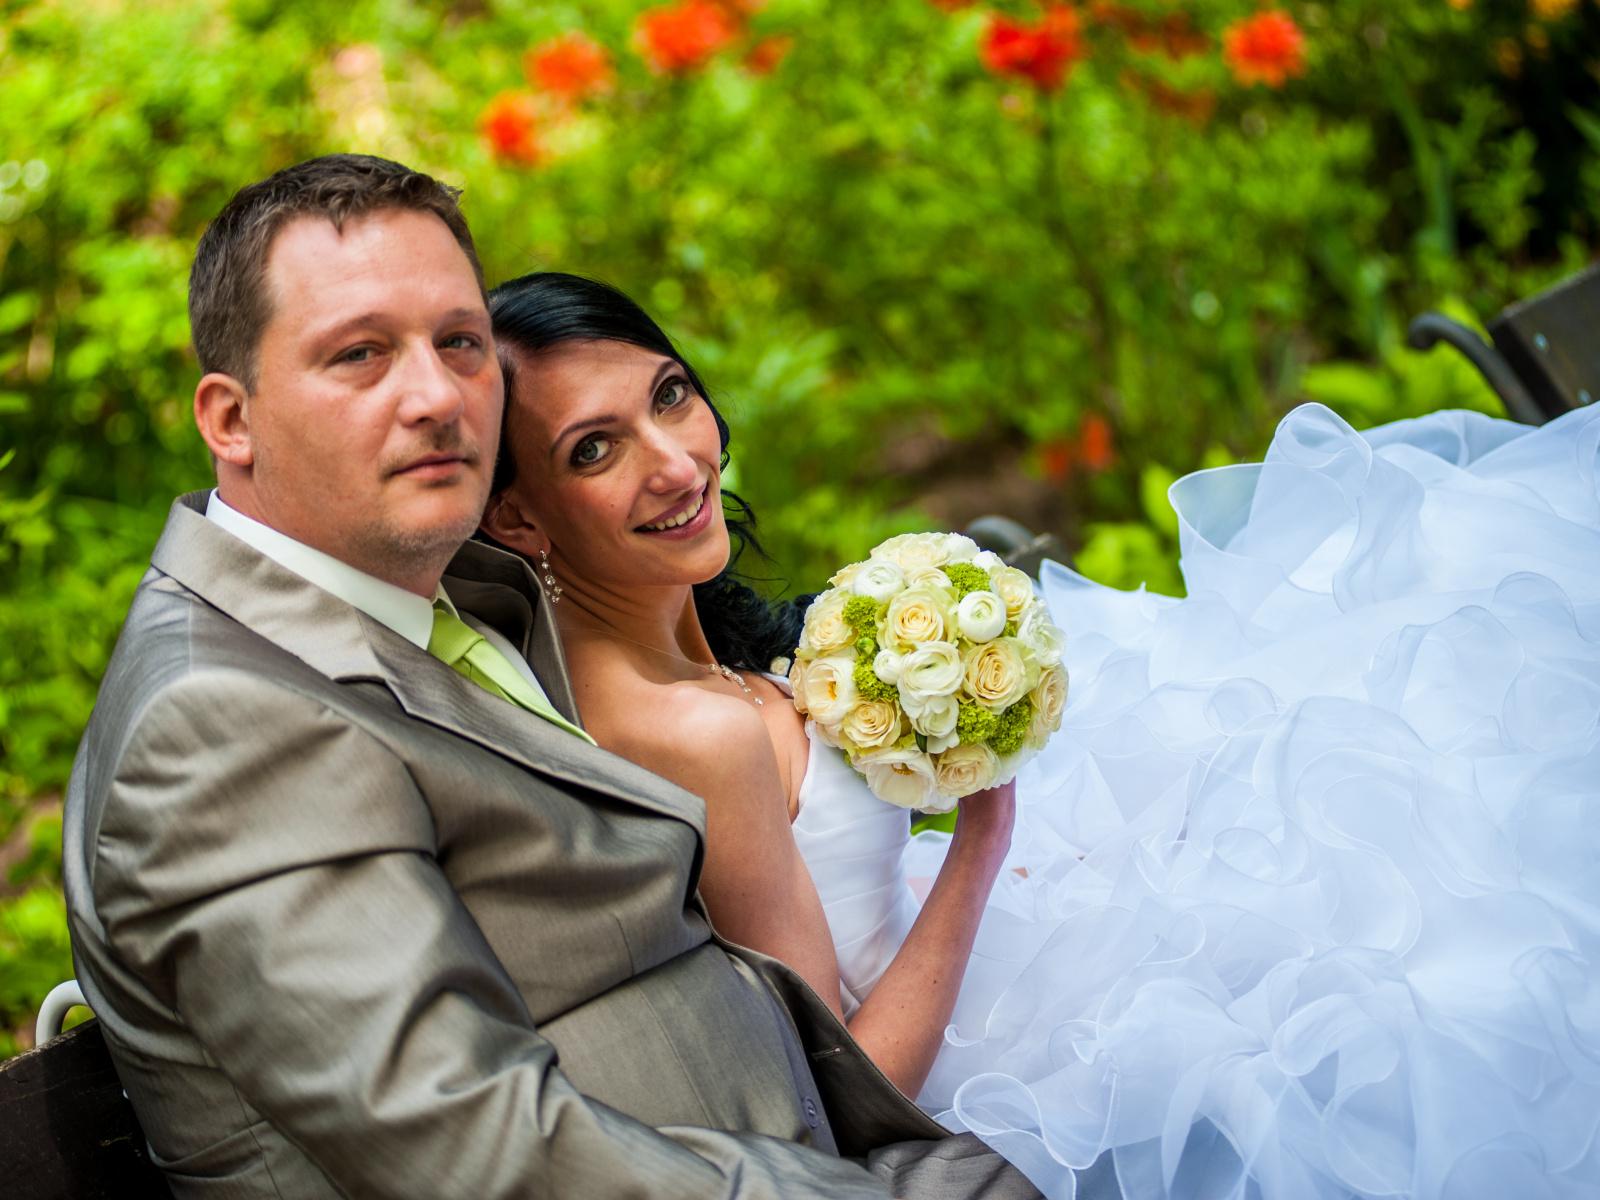 Nebojte se ozvat, aneb fotografování svatby ve vaší režii!